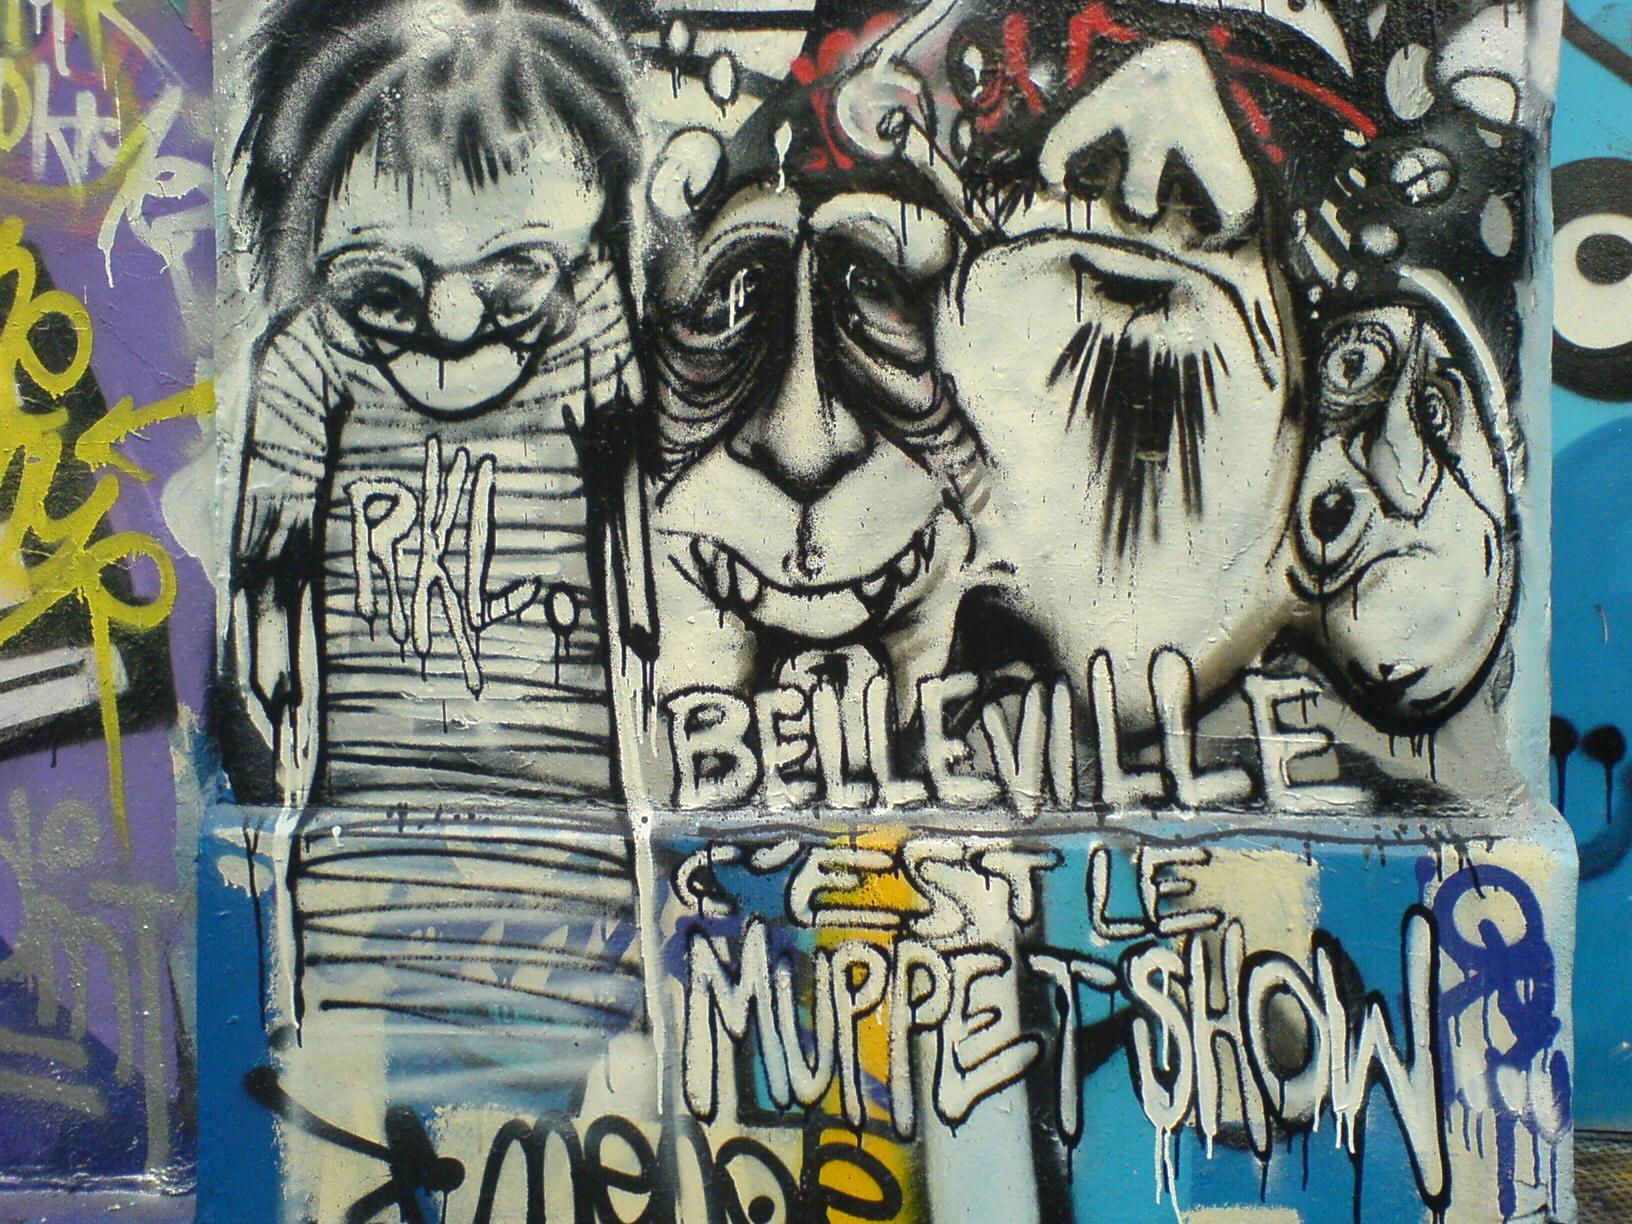 Belleville, c'est le muppet show